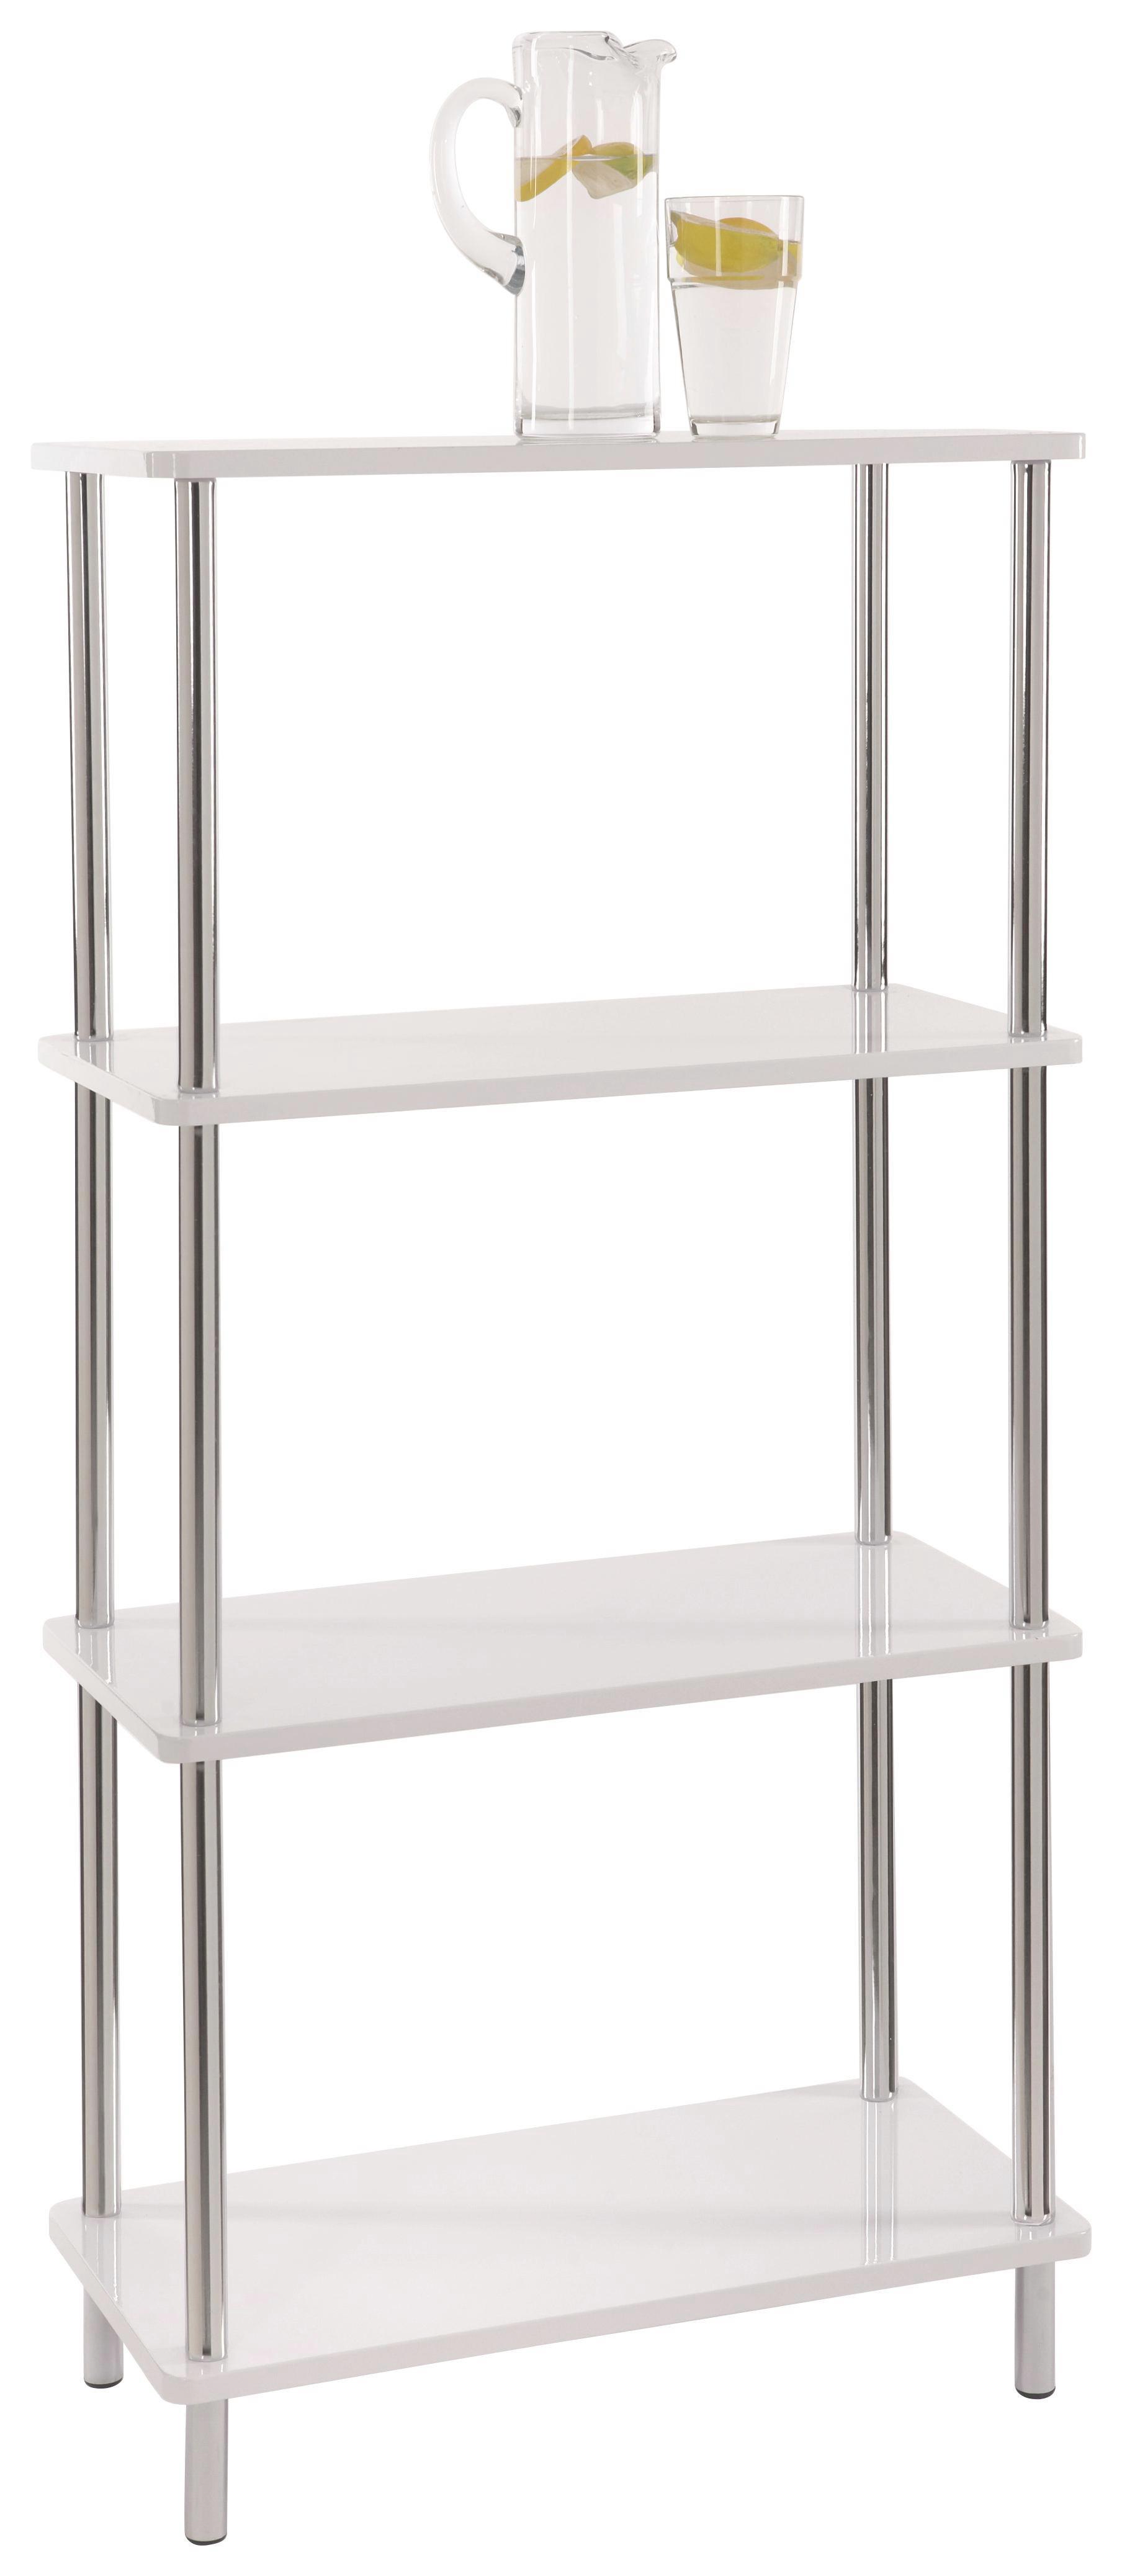 Regál Tim 2 - bílá/barvy chromu, Moderní, kov/dřevěný materiál (60/120/30cm)